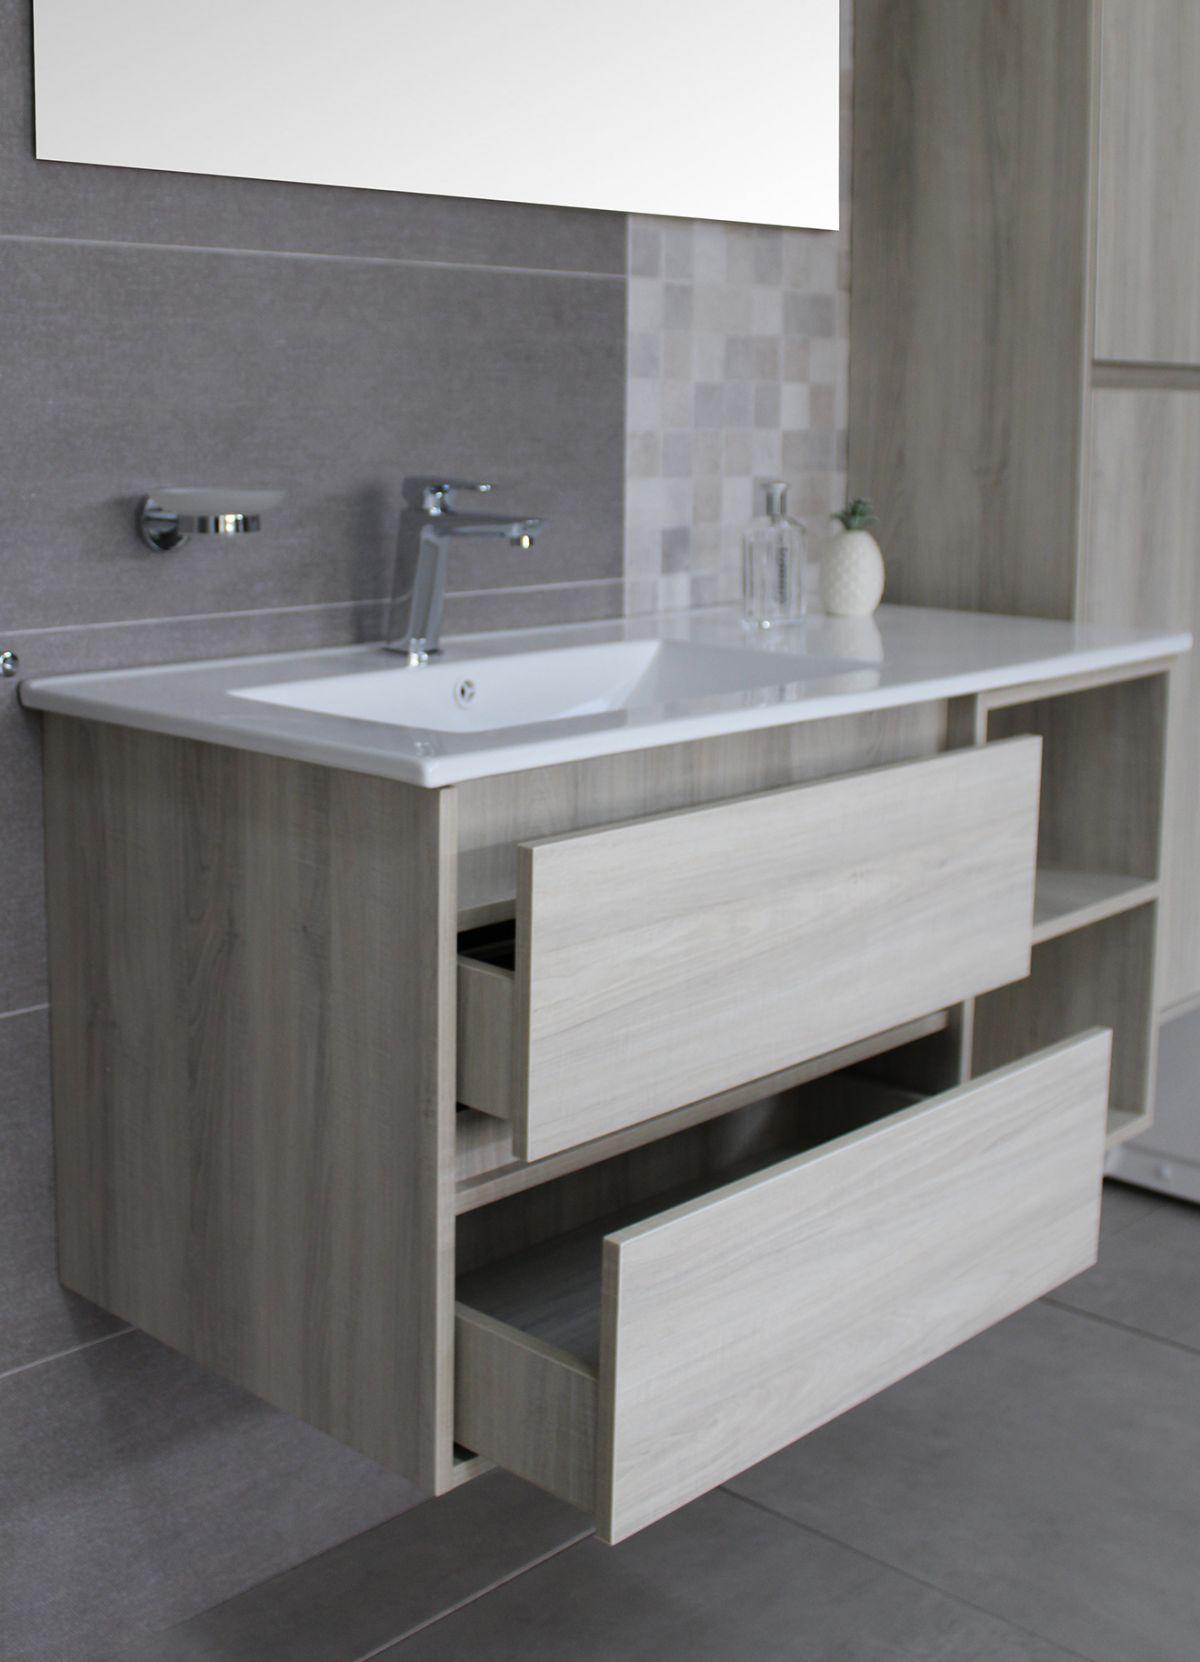 Londra con colonna 5 Mobile bagno Londra sospeso 100 cm bianco effetto legno con lavabo specchio e pensile